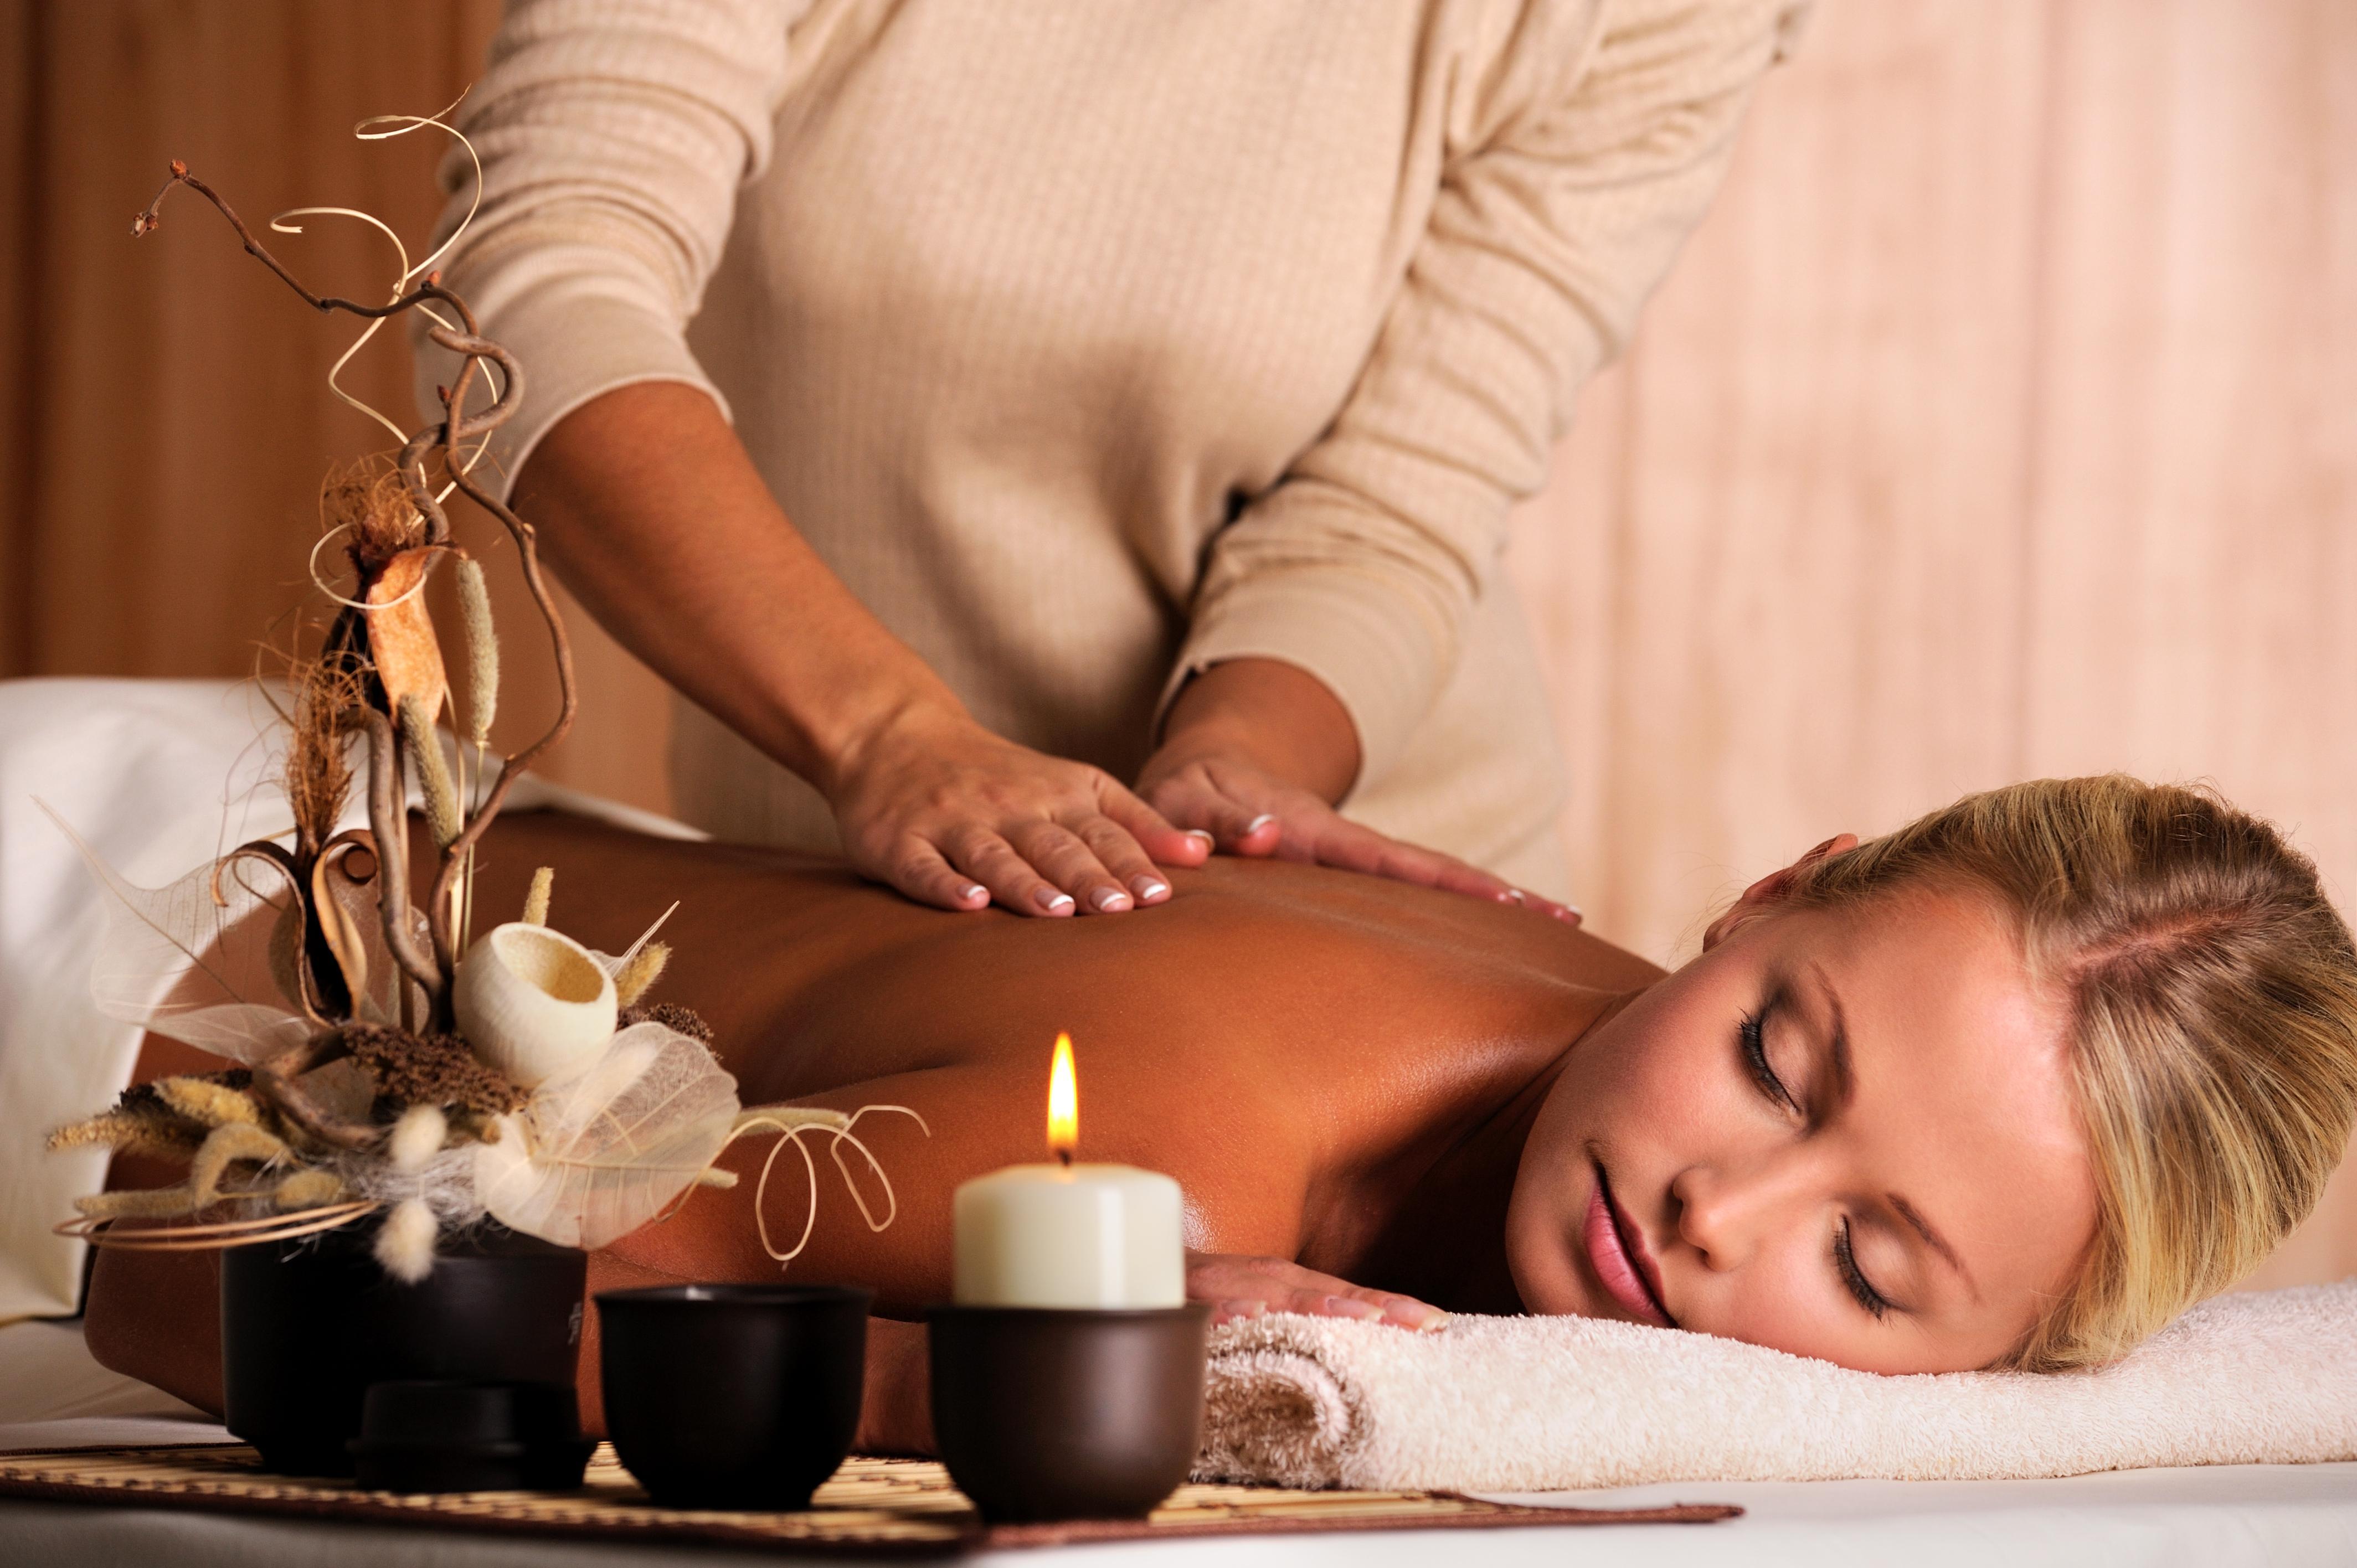 doing sex bøsse massage stockholm